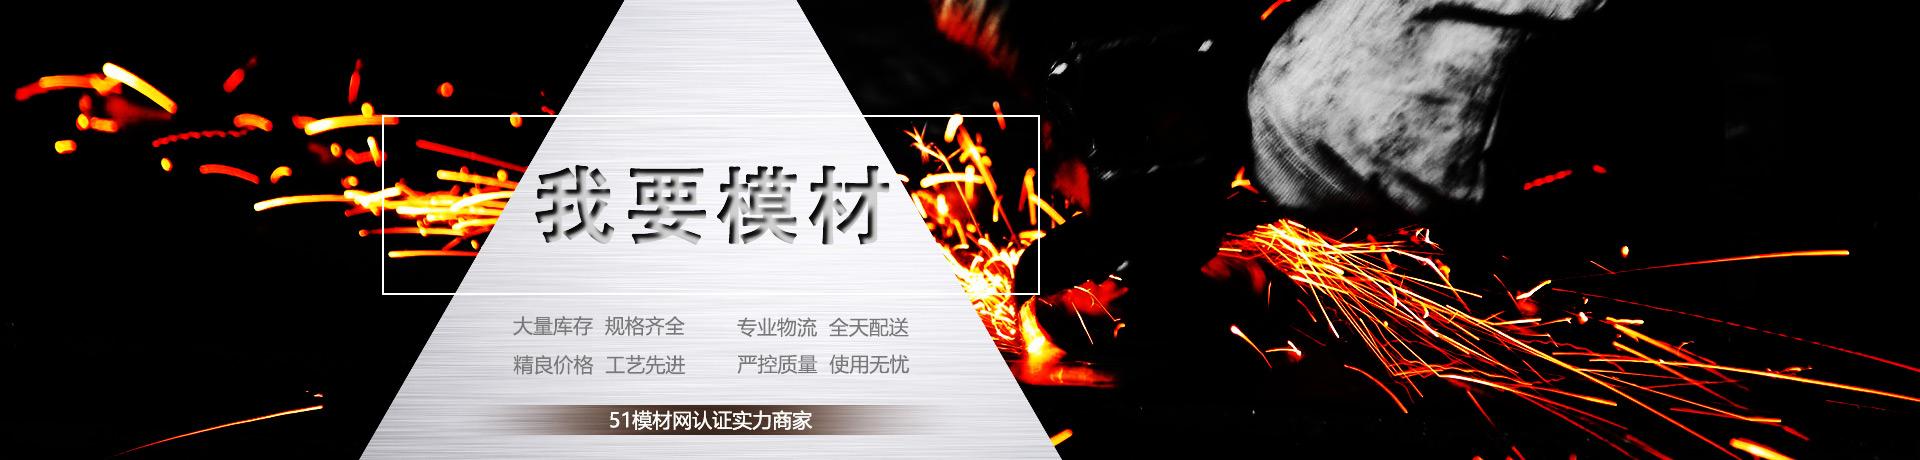 深圳市我要模材科技有限公司